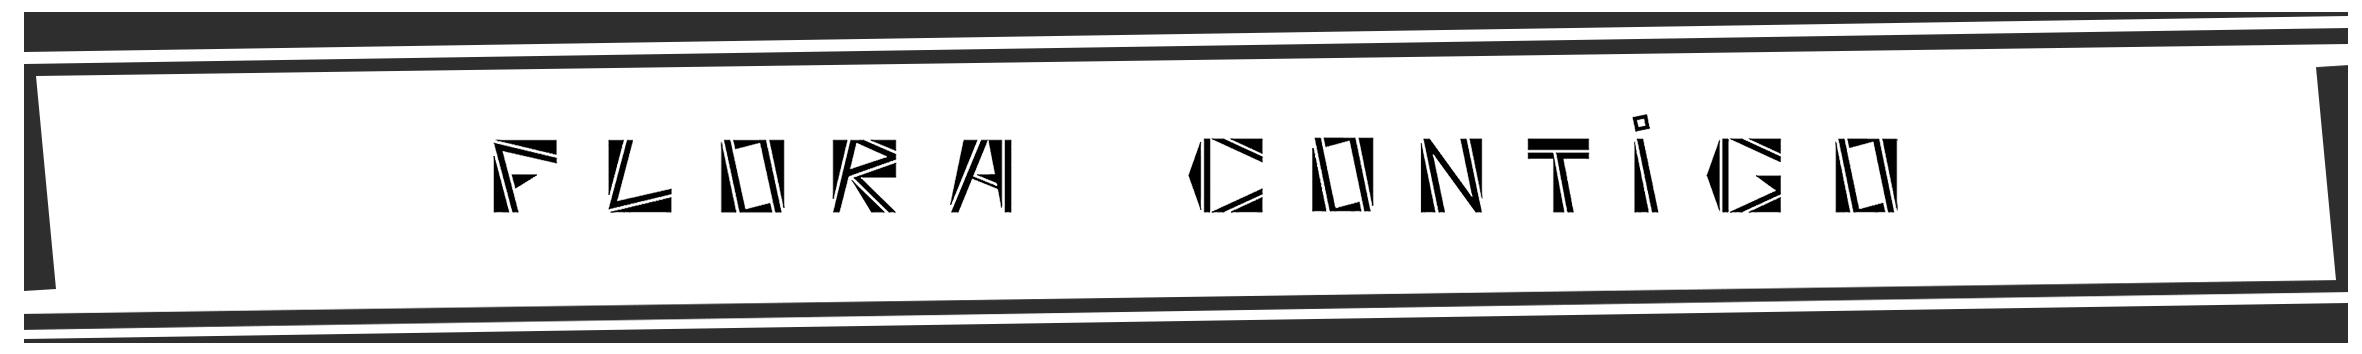 FLORA CONTIGO